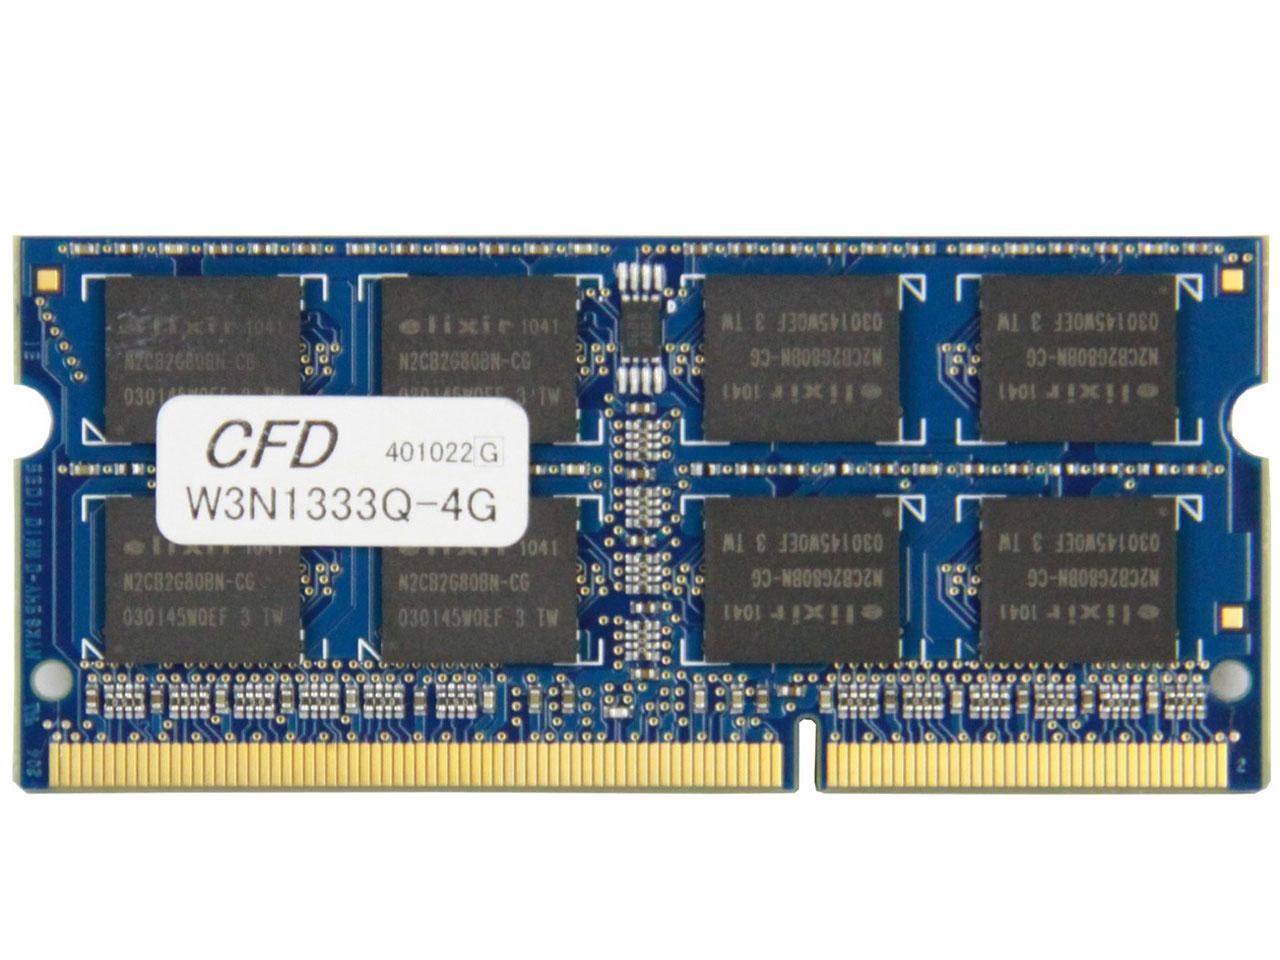 『本体』 W3N1333Q-4G [SODIMM DDR3 PC3-10600 4GB 2枚組] の製品画像